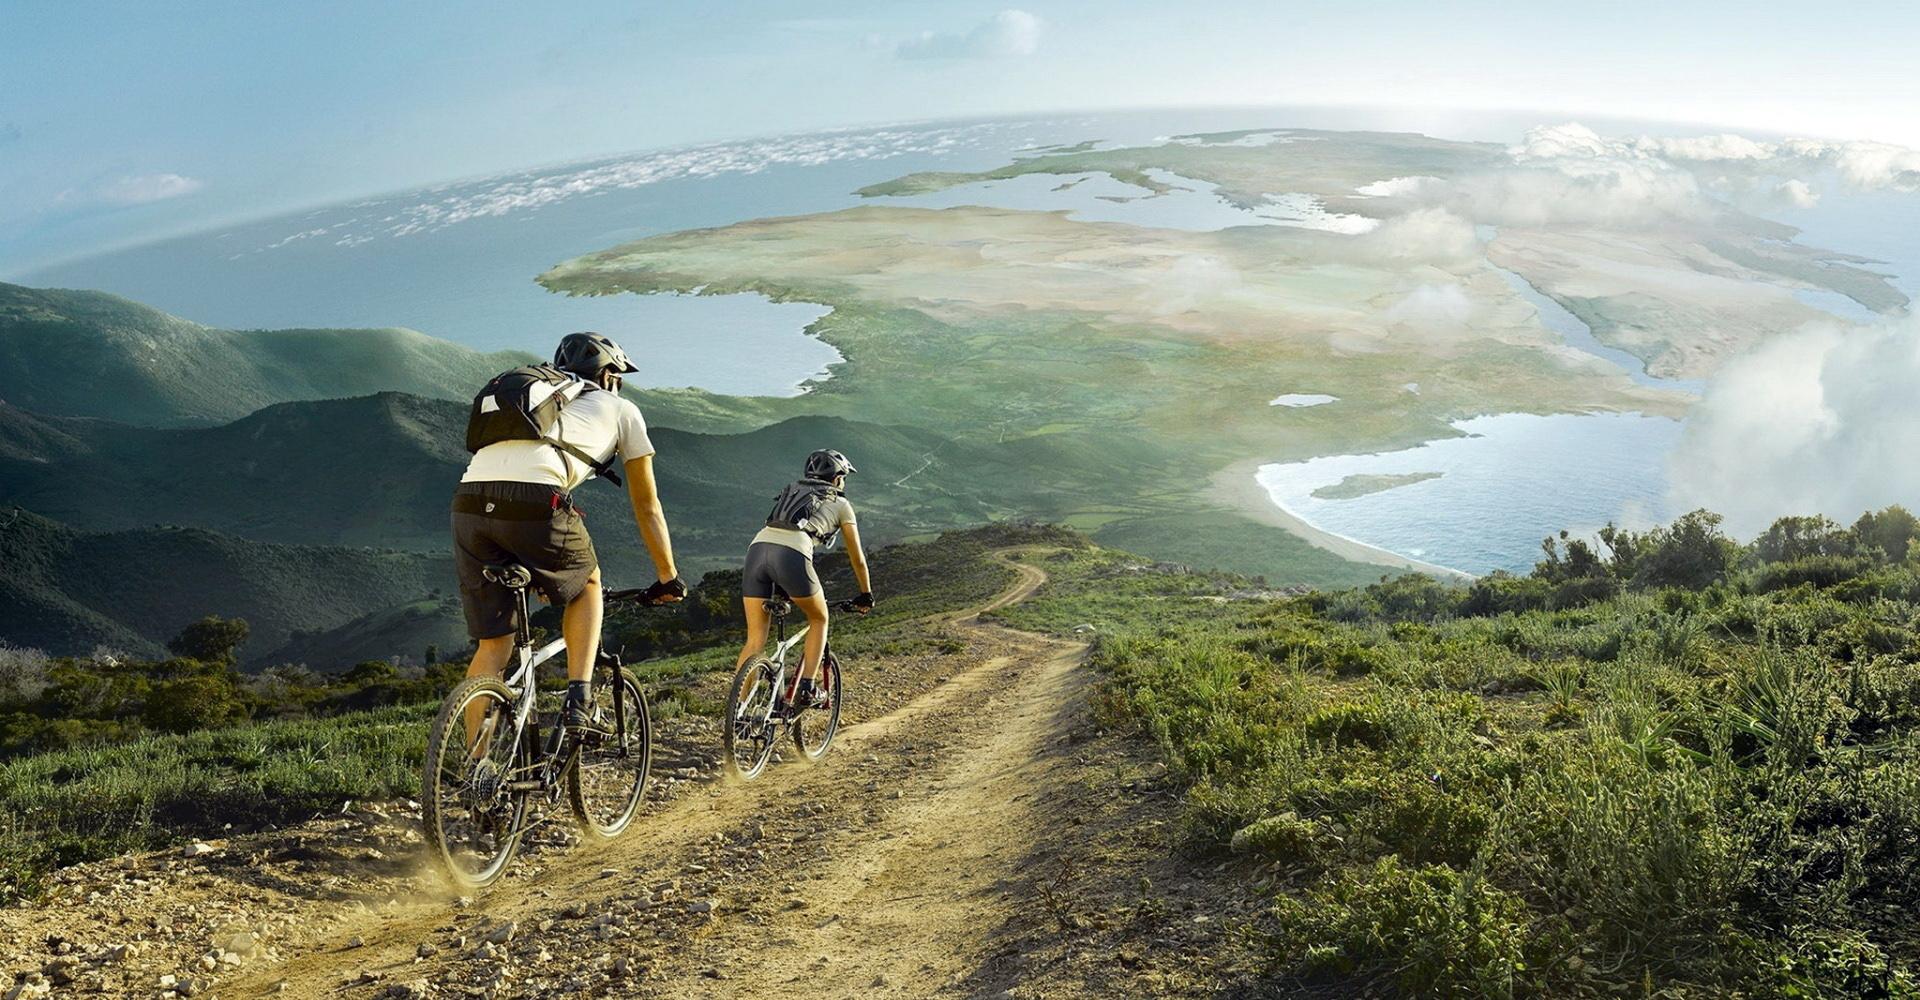 Manejando bicicleta en las montañas